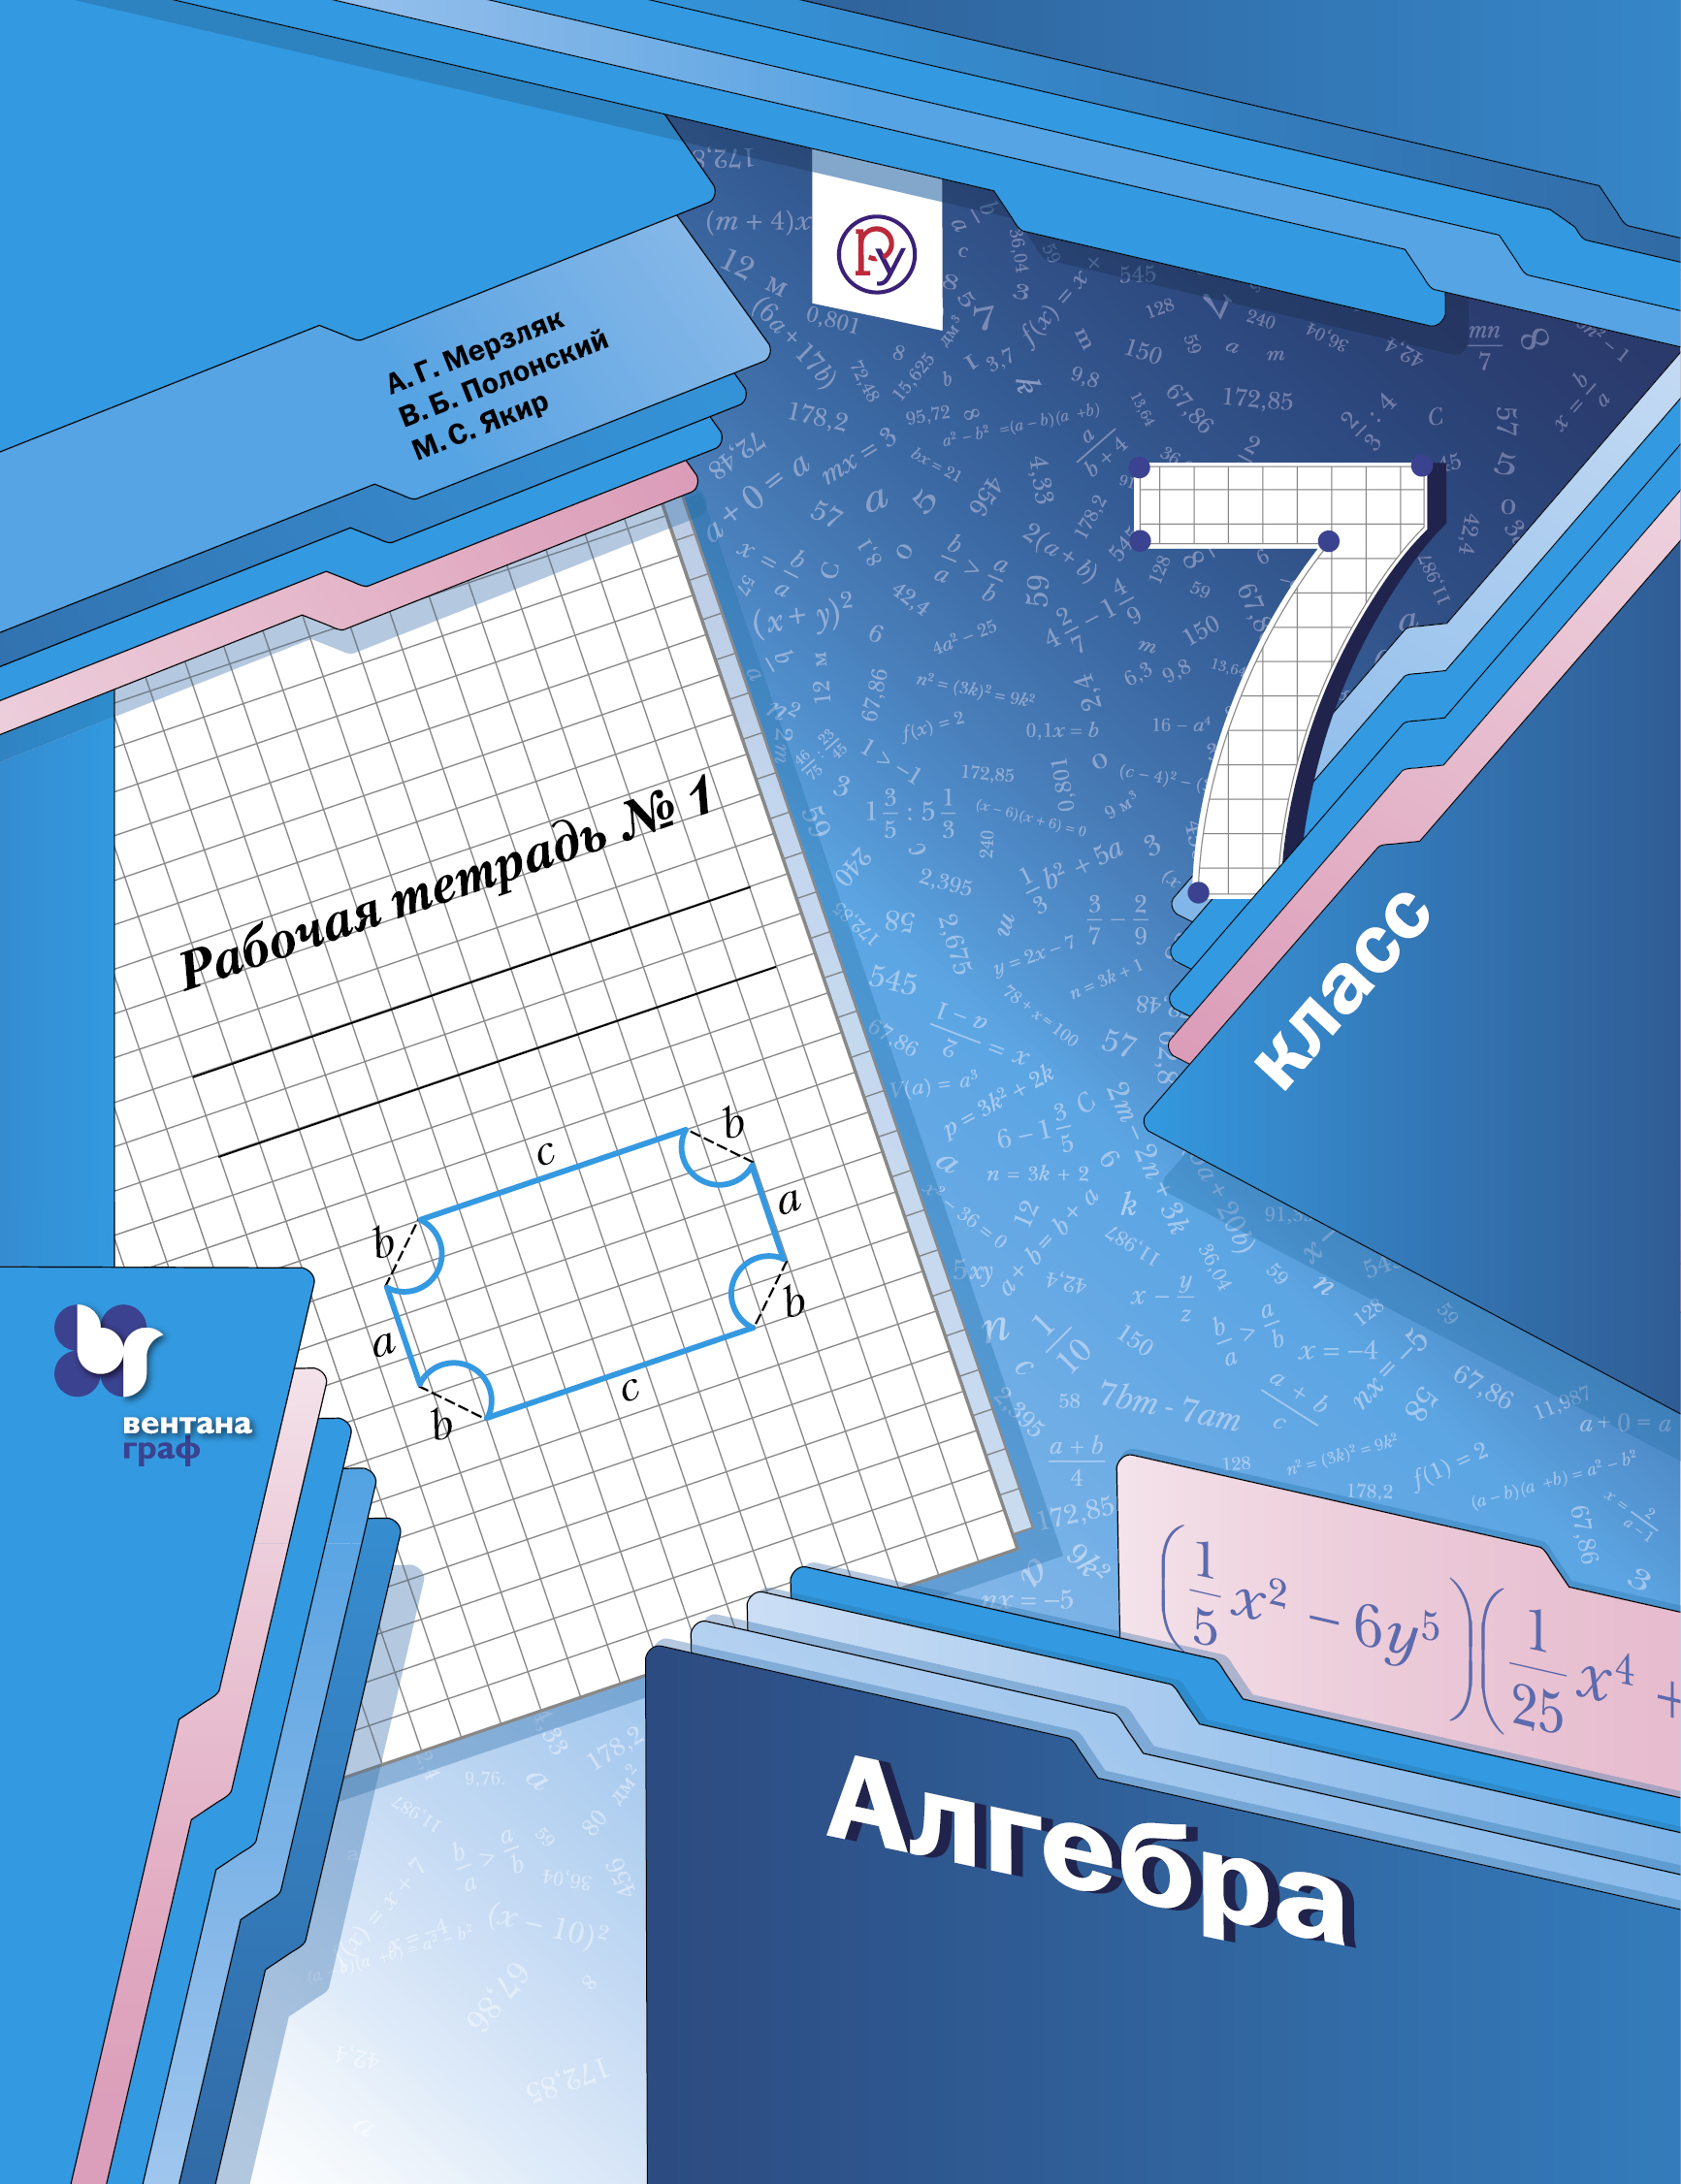 Мерзляк А.Г., Полонский В.Б., Якир М.С. Алгебра. 7 класс. Рабочая тетрадь. 1 часть. алгебра 7 класс рабочая тетрадь с тестовыми заданиями часть 1 вертикаль фгос